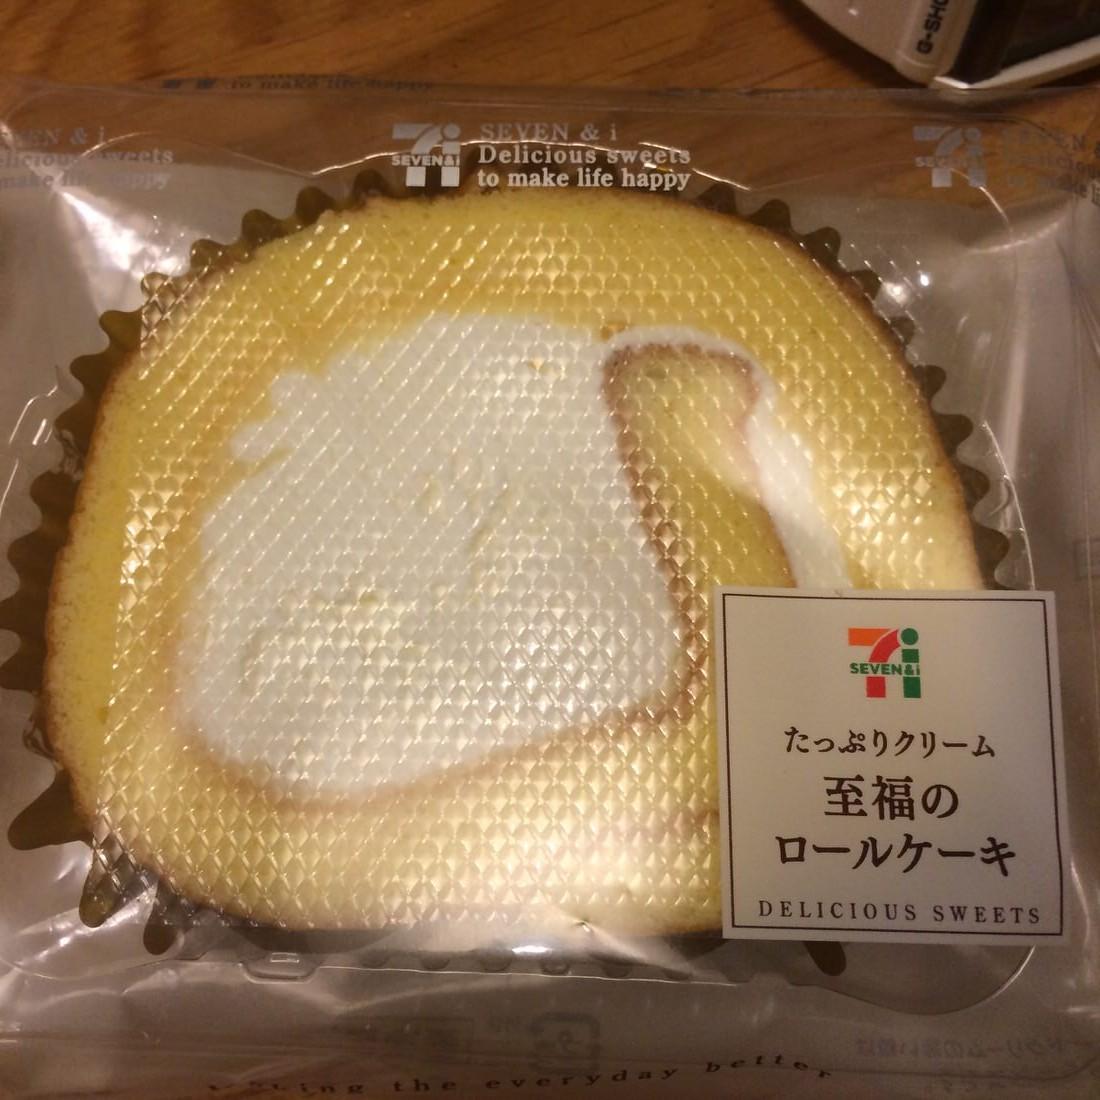 やっぱセブンイレブンの至福のロールケーキはうまいよね